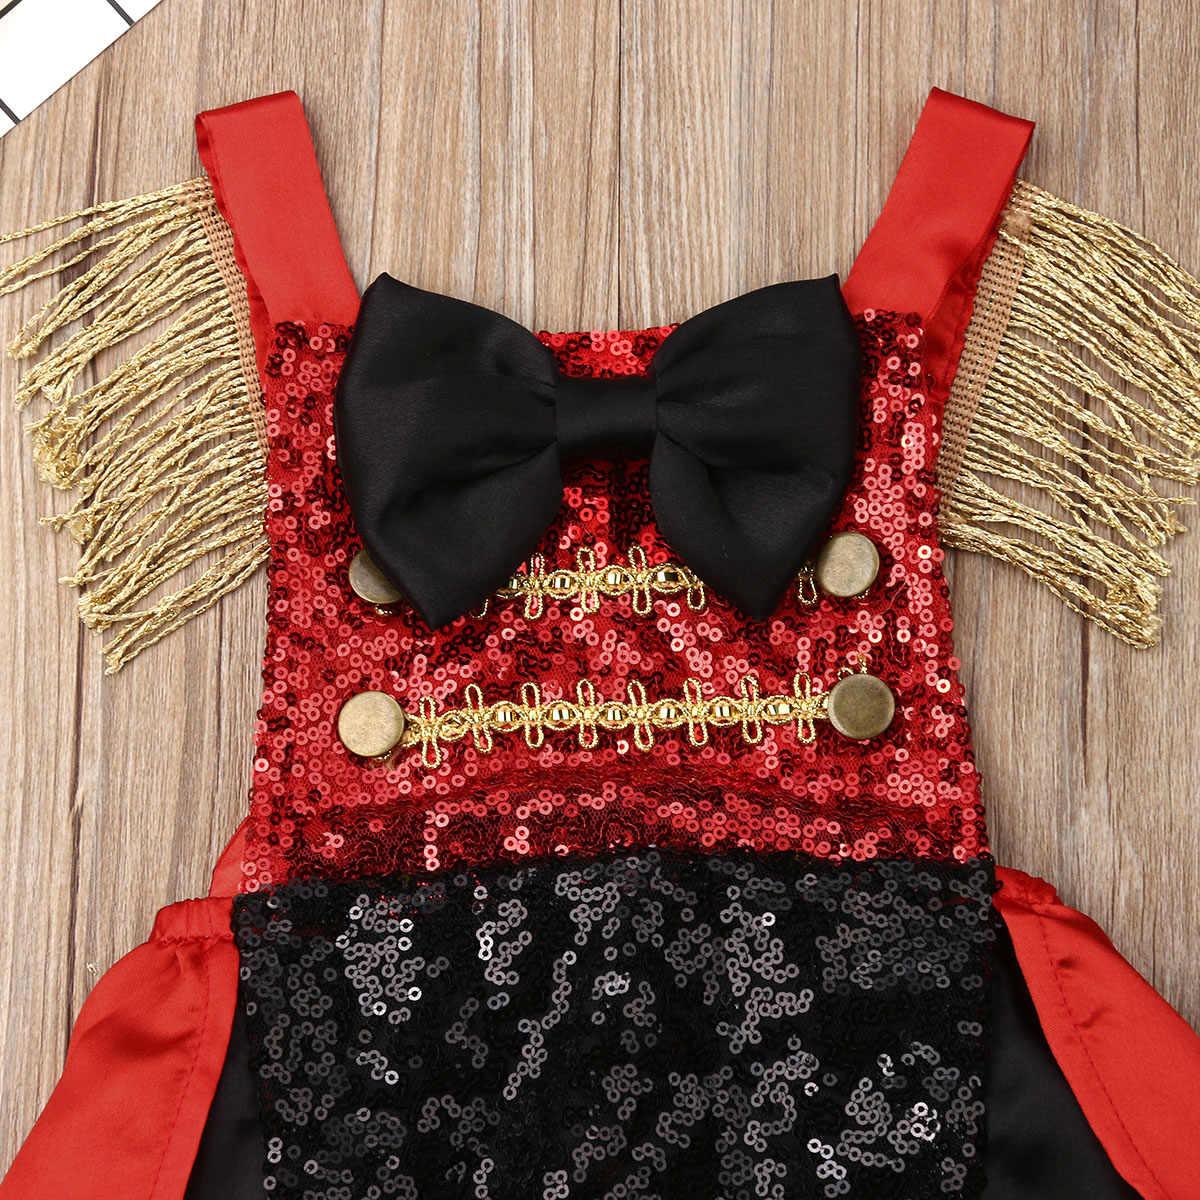 2019 fiesta de circo verano bebé Infante niña traje de lentejuelas cola de golondrina mono traje de sol ropa para niños